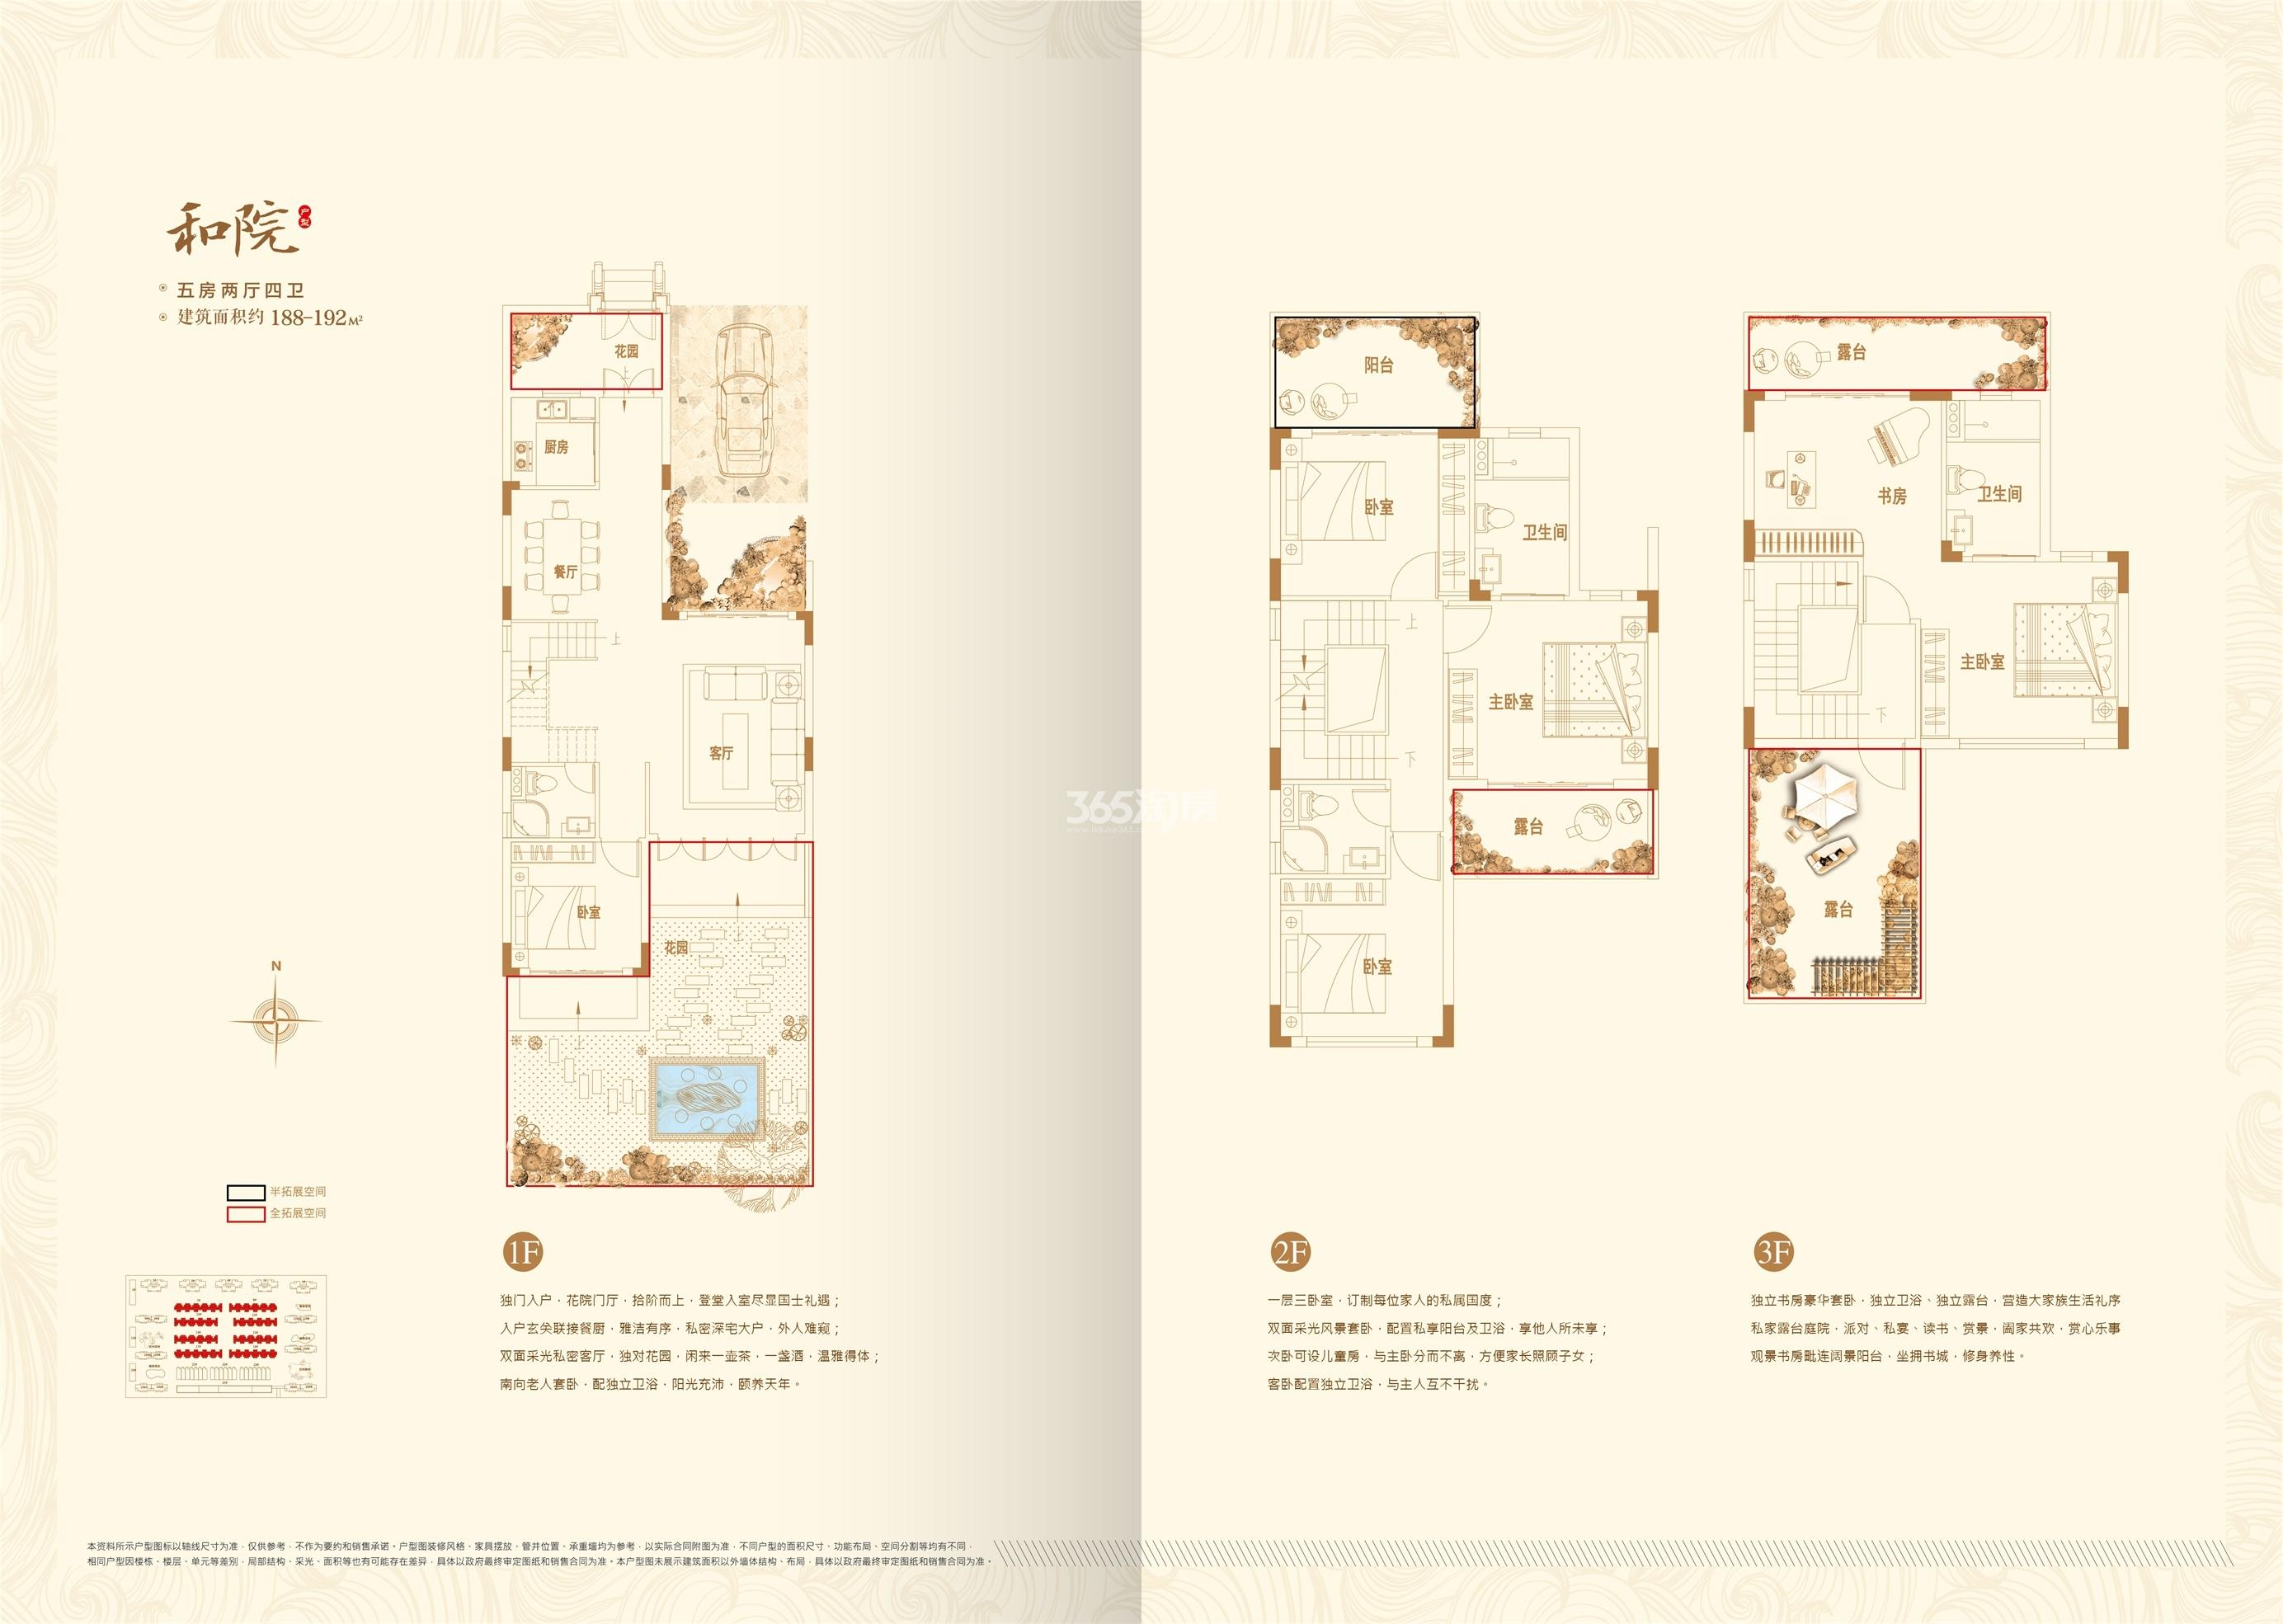 珠江和院 联排别墅实际面积180平方(售楼部提供该户型图只代表户型构造)